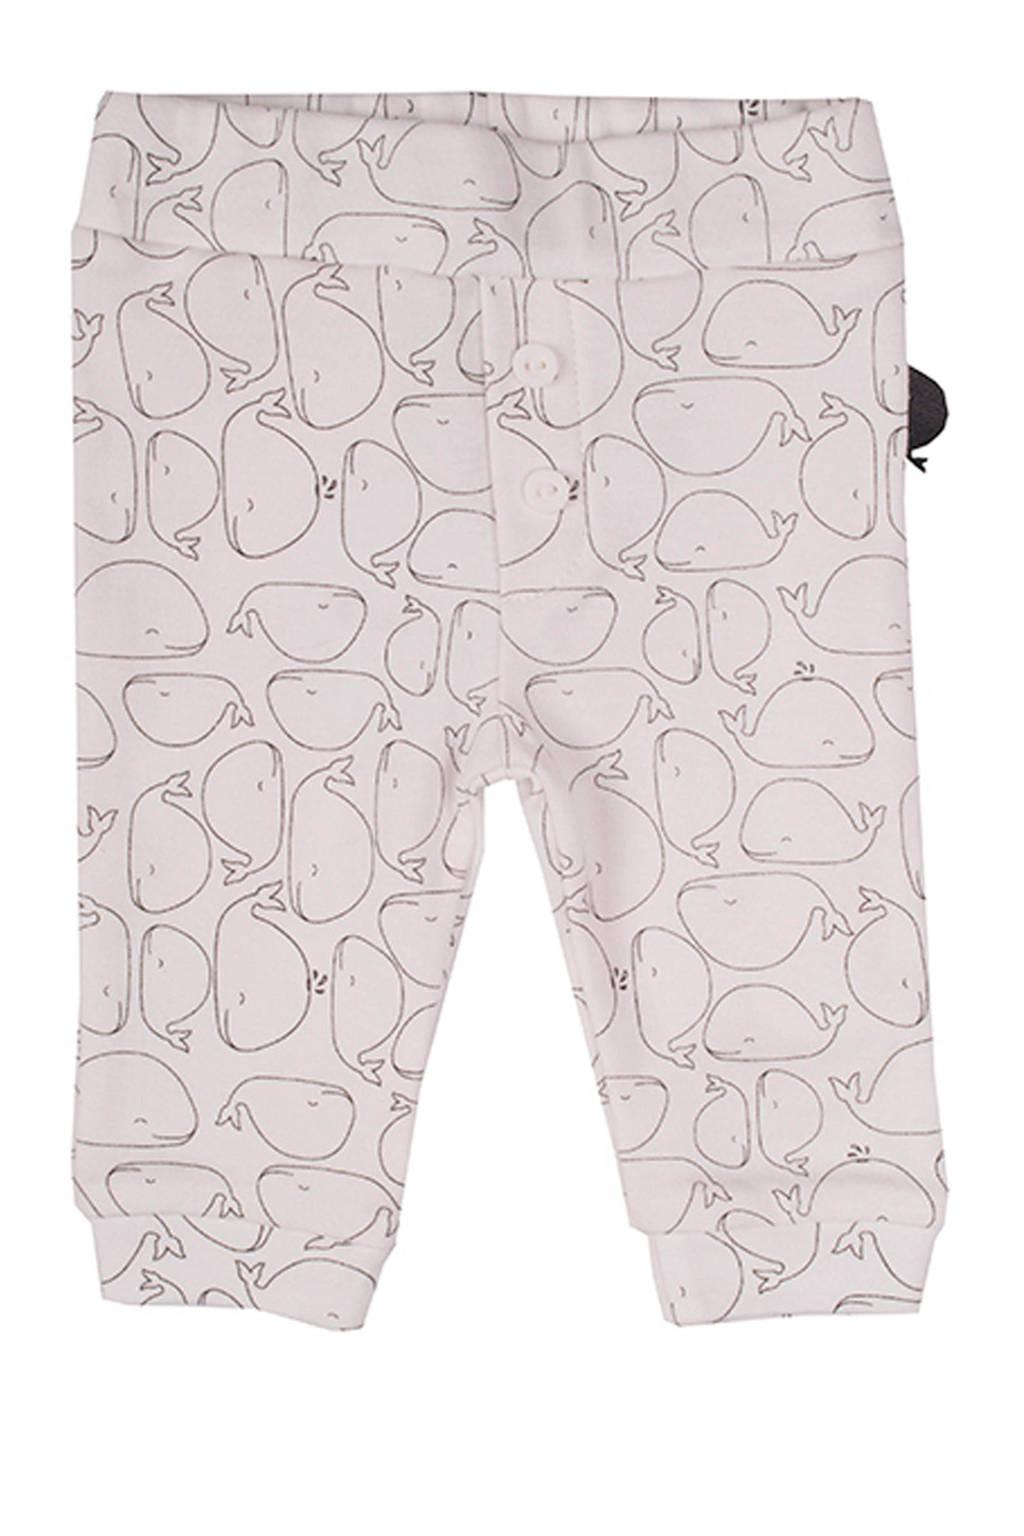 Zero2three baby broek met all over print wit/grijs, Wit/grijs